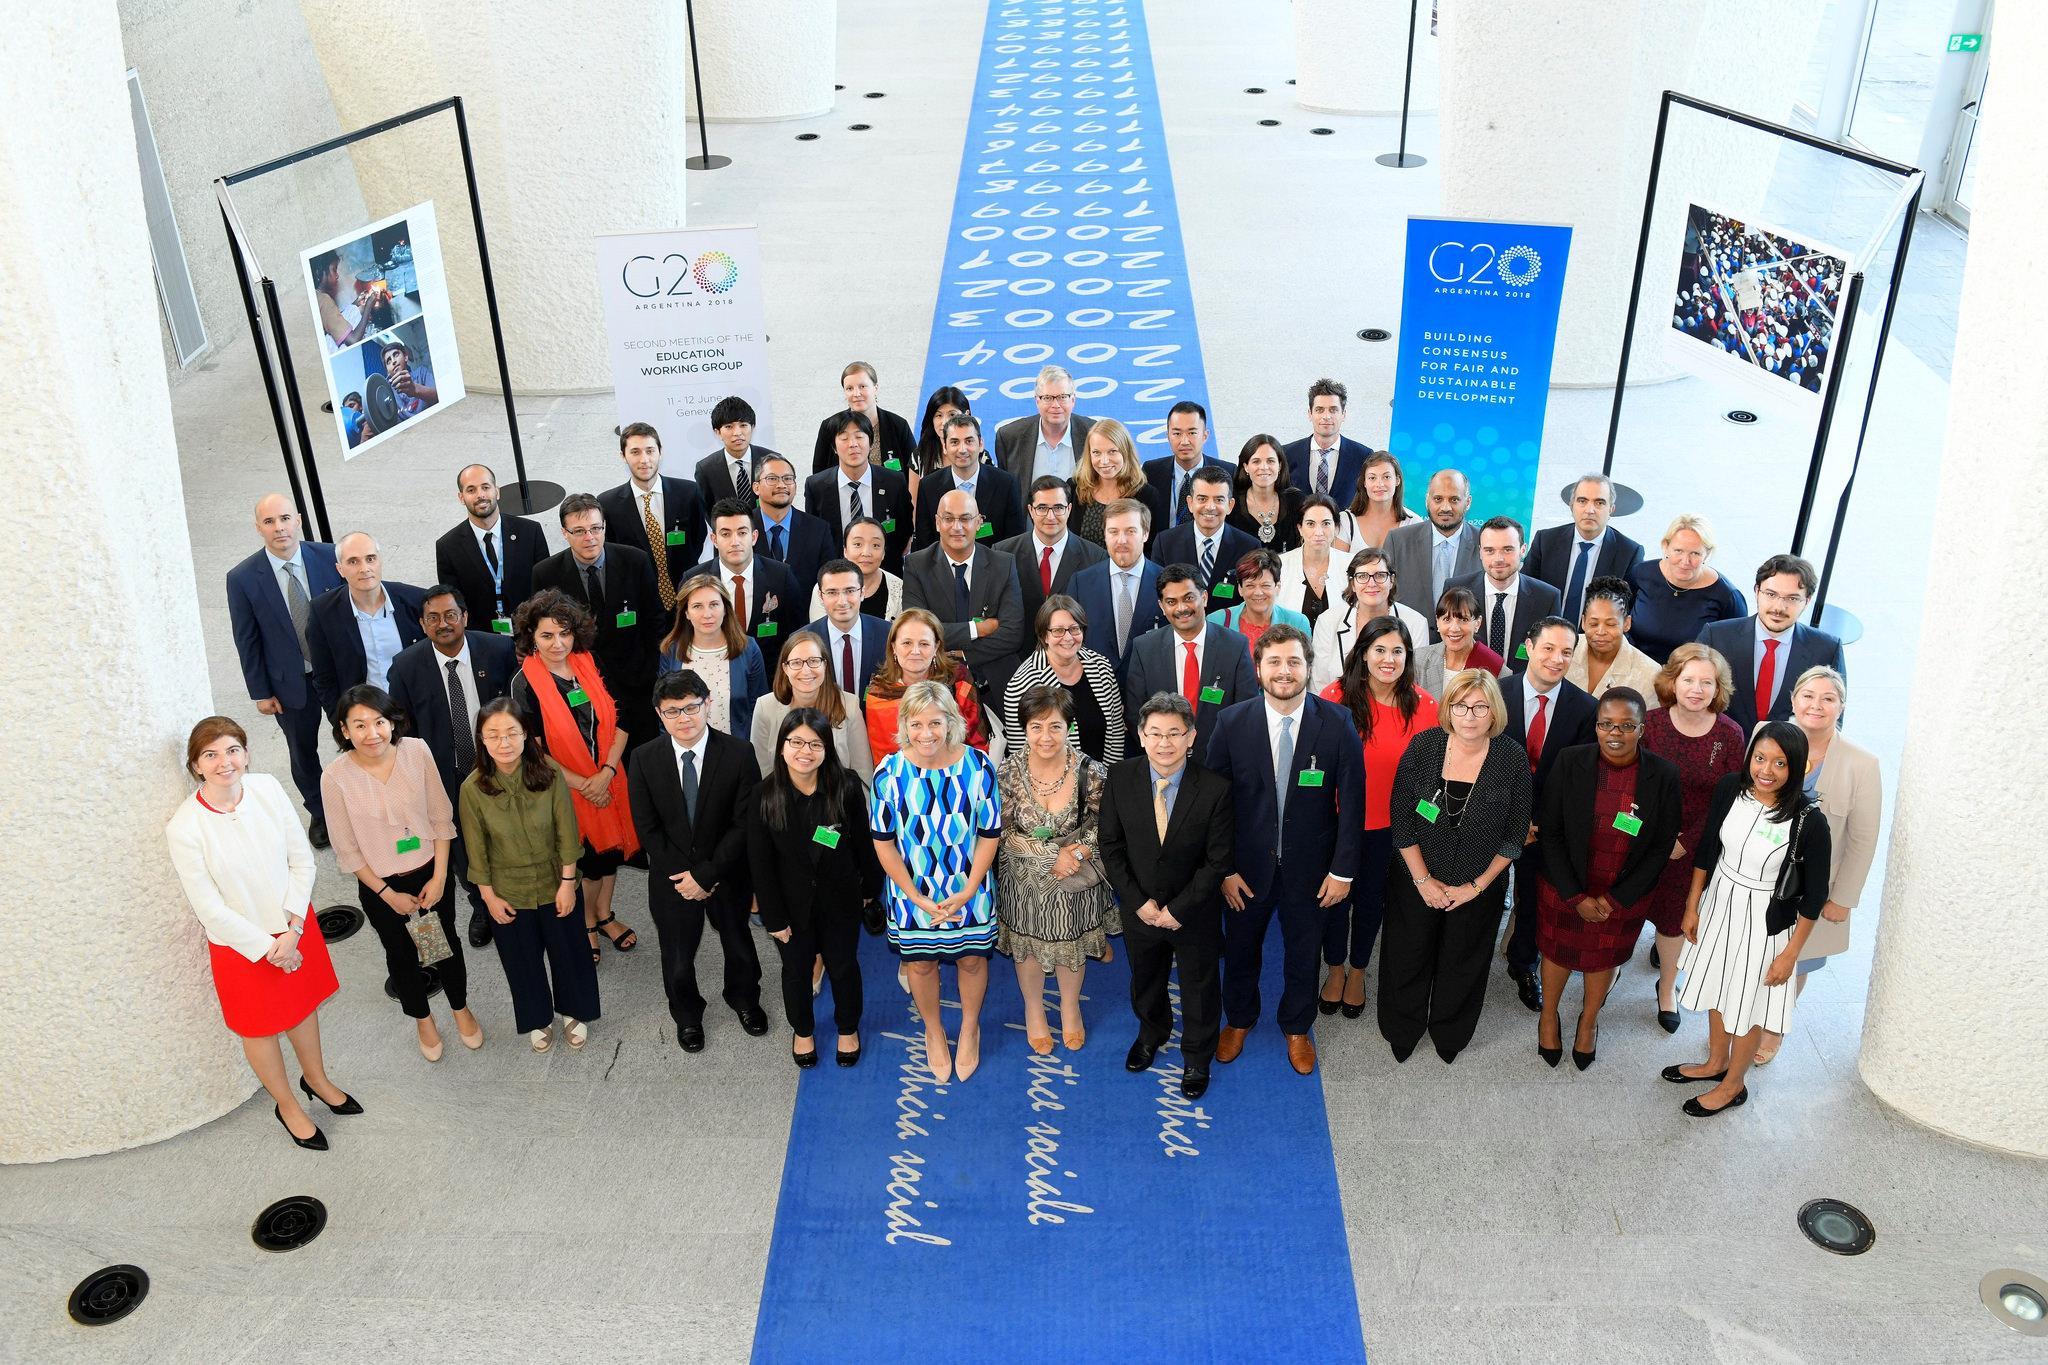 Foto de Familia del Grupo de trabajo de Educaciónd el G20